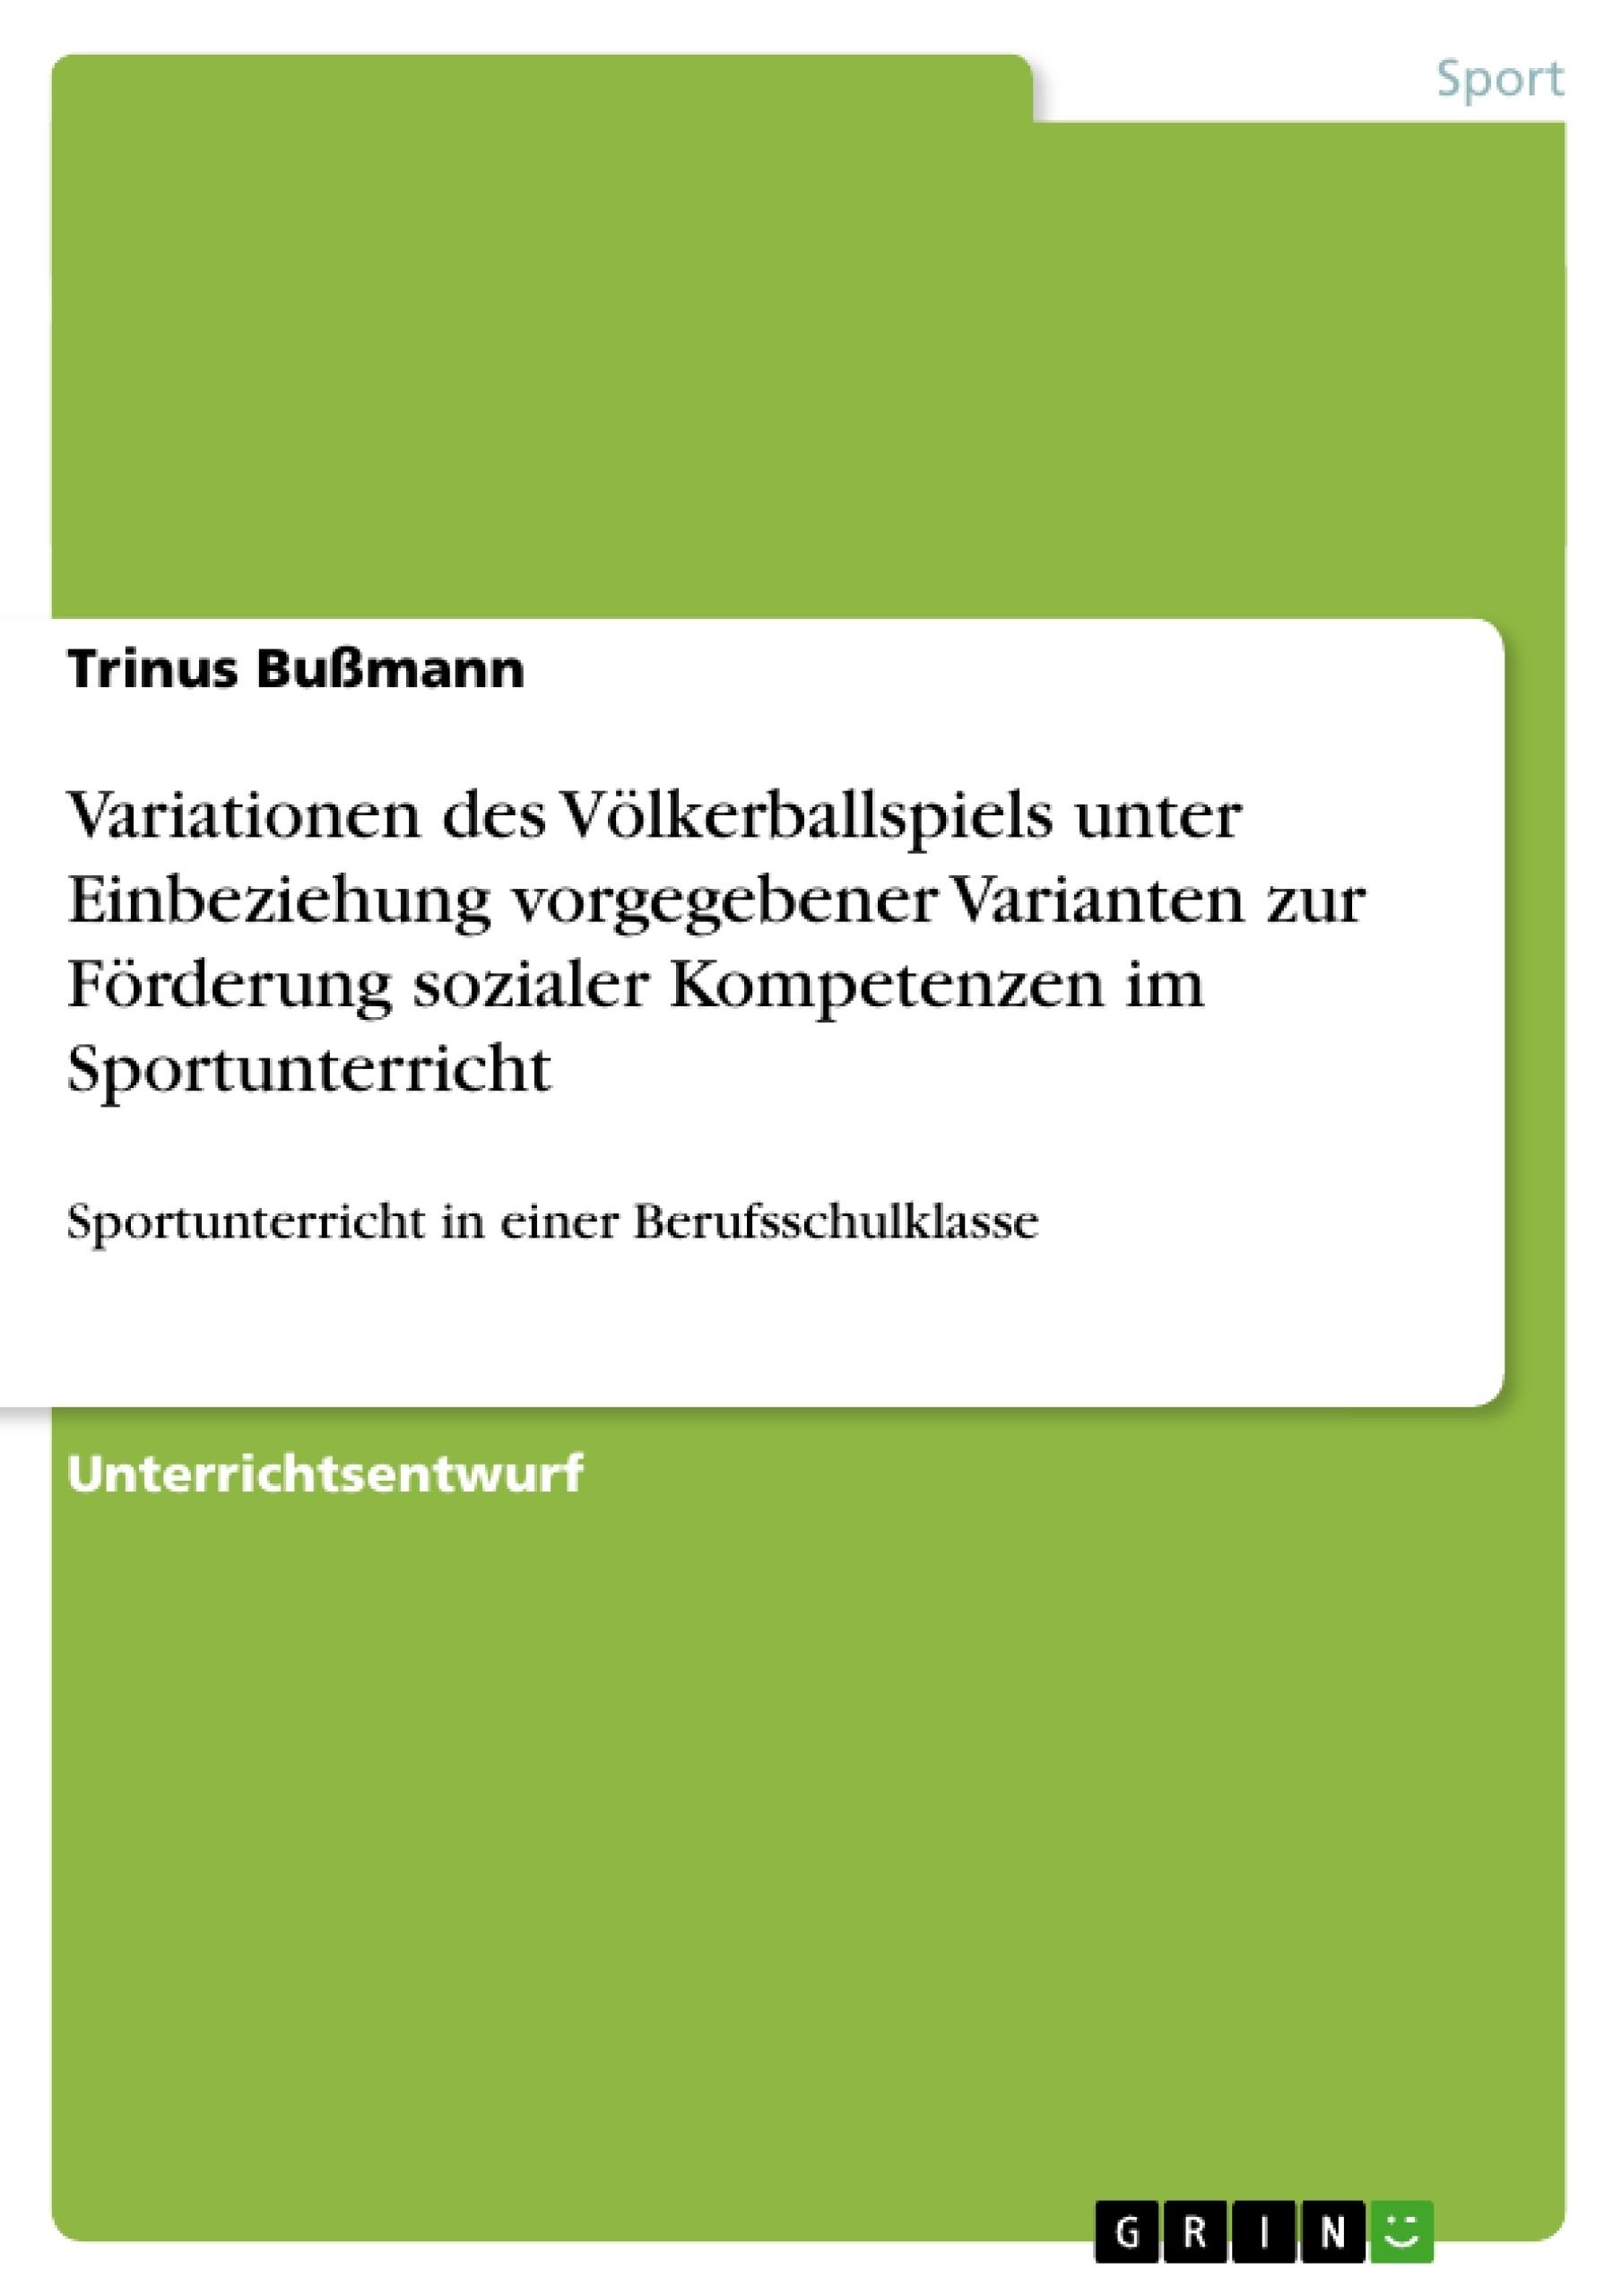 Titel: Variationen des Völkerballspiels unter Einbeziehung vorgegebener Varianten zur Förderung sozialer Kompetenzen im Sportunterricht